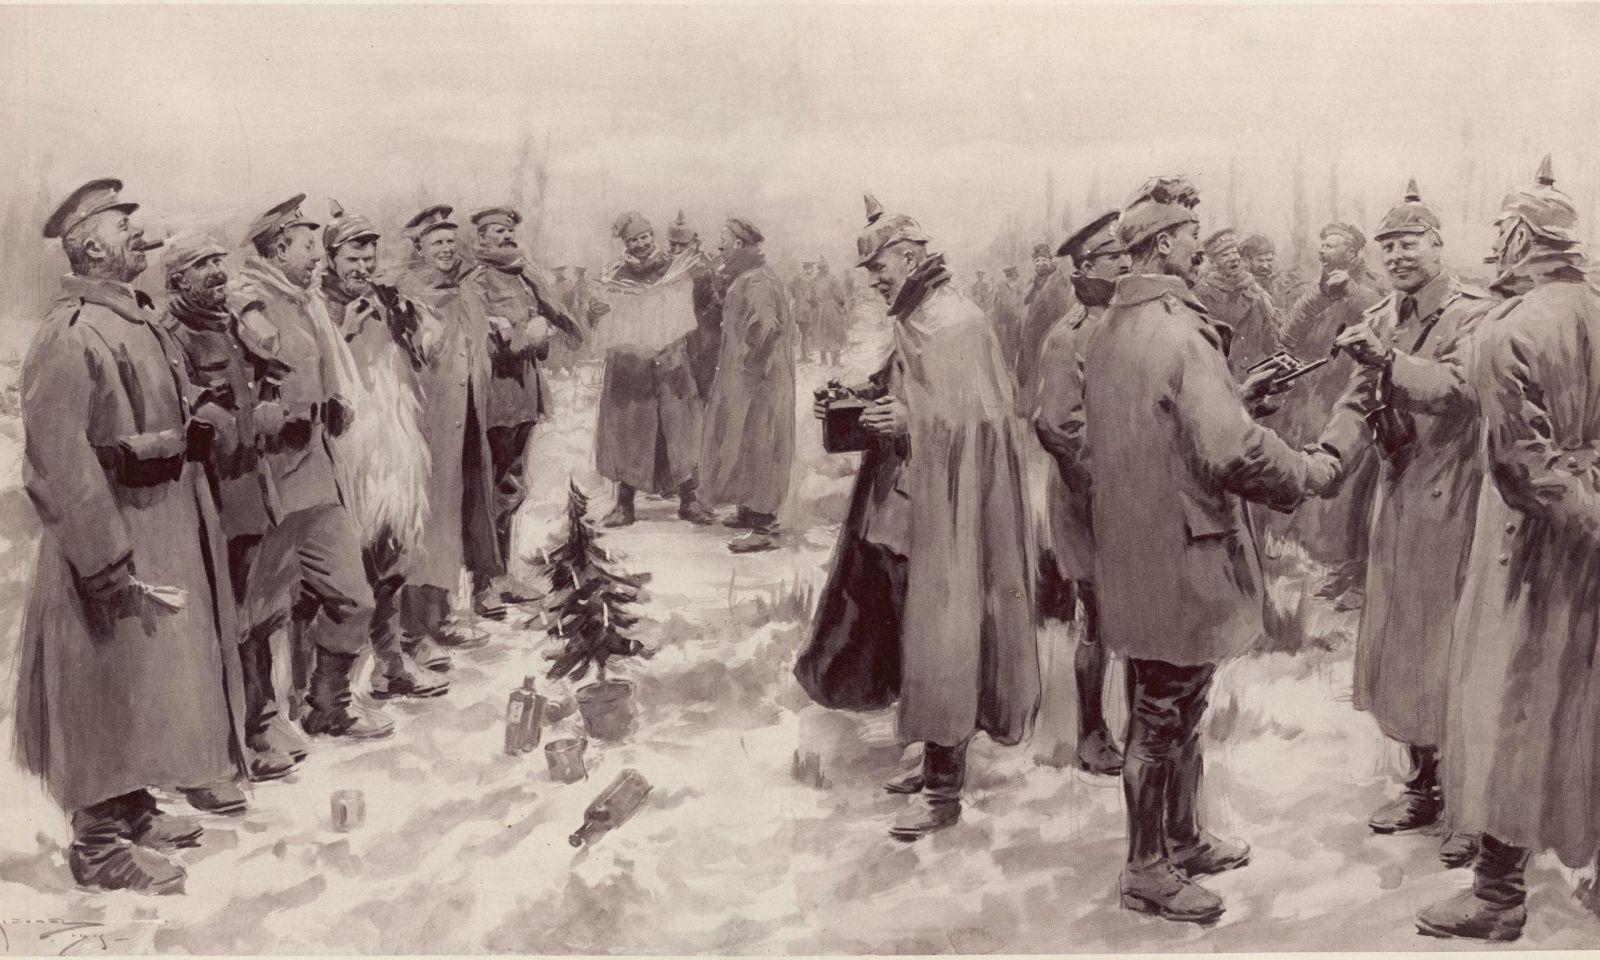 Ilustrasi London Newa yang menggambarkan tentara jerman dan Inggris yang saling berjabat tangan di dalam gencatan senjata dadakan pada hari Natal 1914. (Foto: Wikipedia)